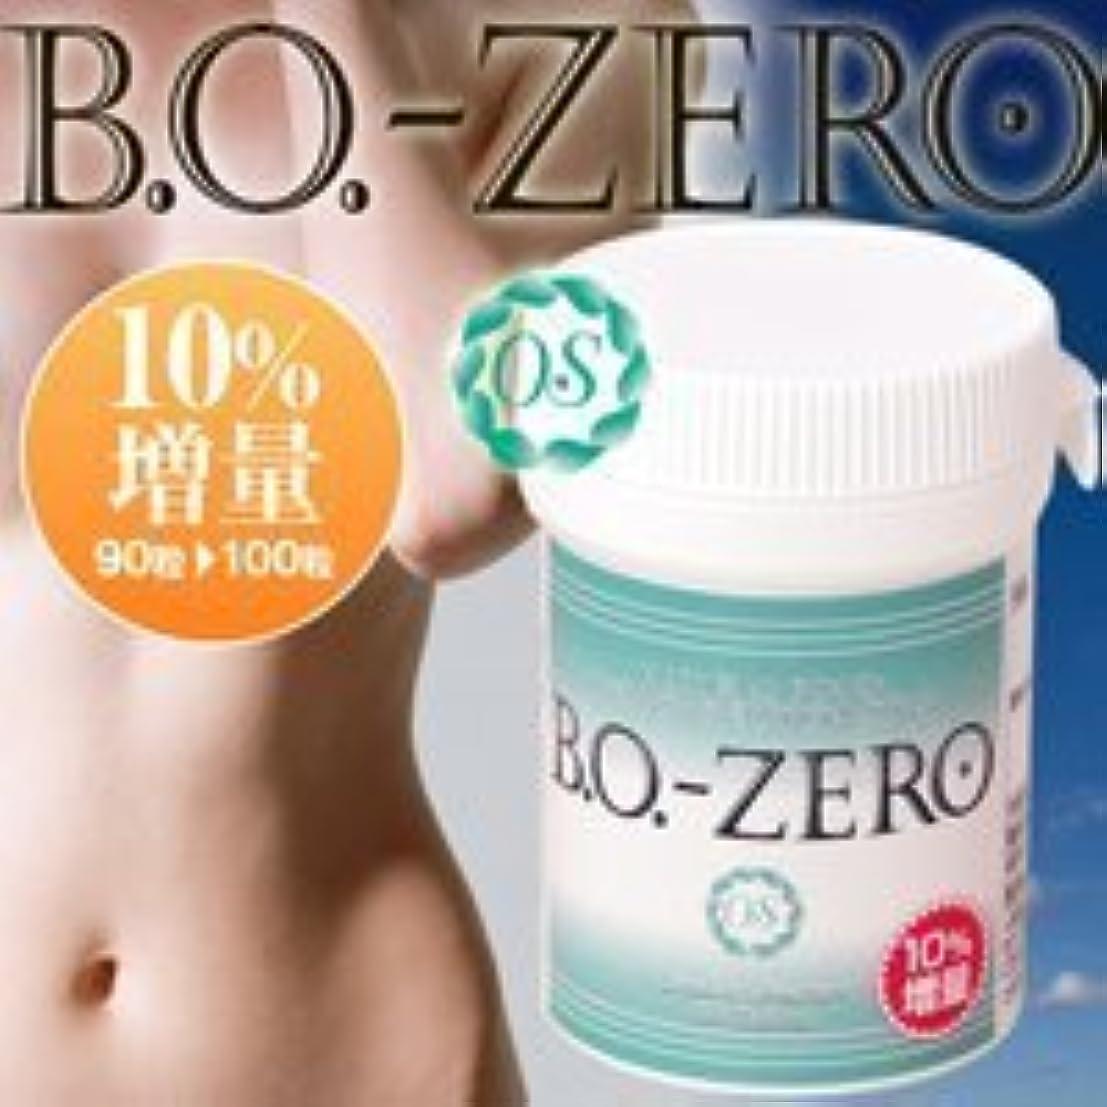 振るうインドどれかBO ZERO (ビーオー ゼロ) 10%増量×2個セット?  体臭 口臭 汗臭 ワキガ などの対策に